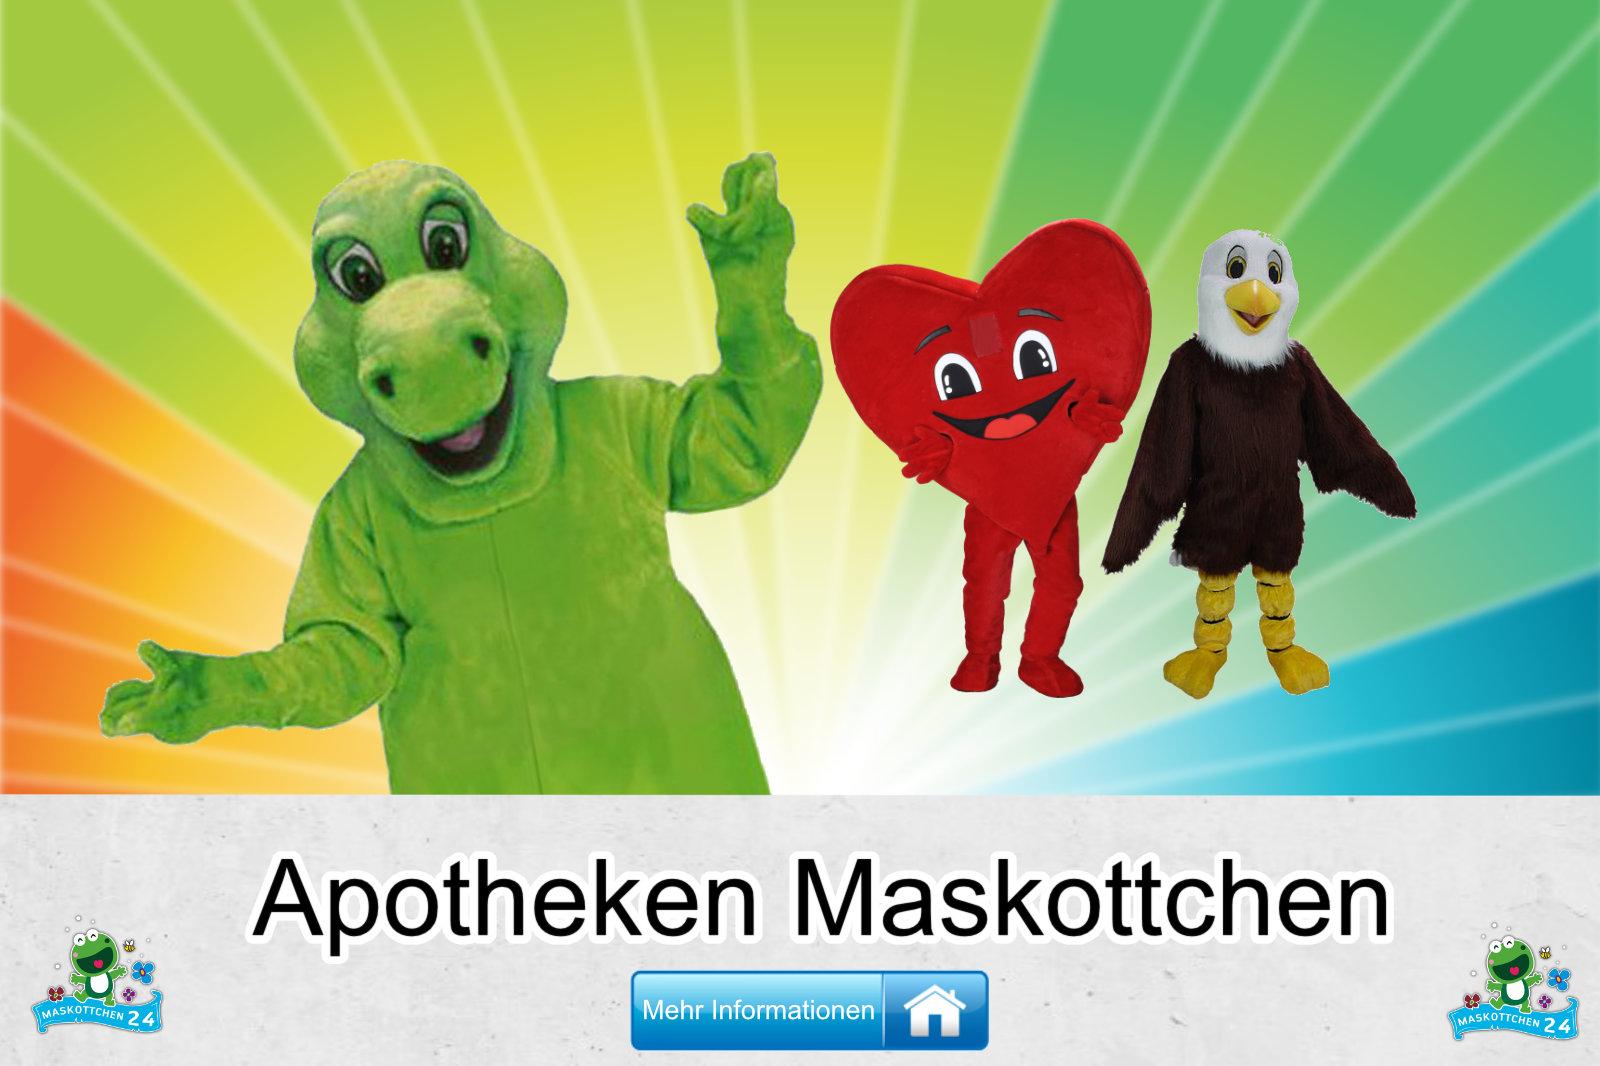 Apotheken Maskottchen Verein Karneval Produktion günstig kaufen